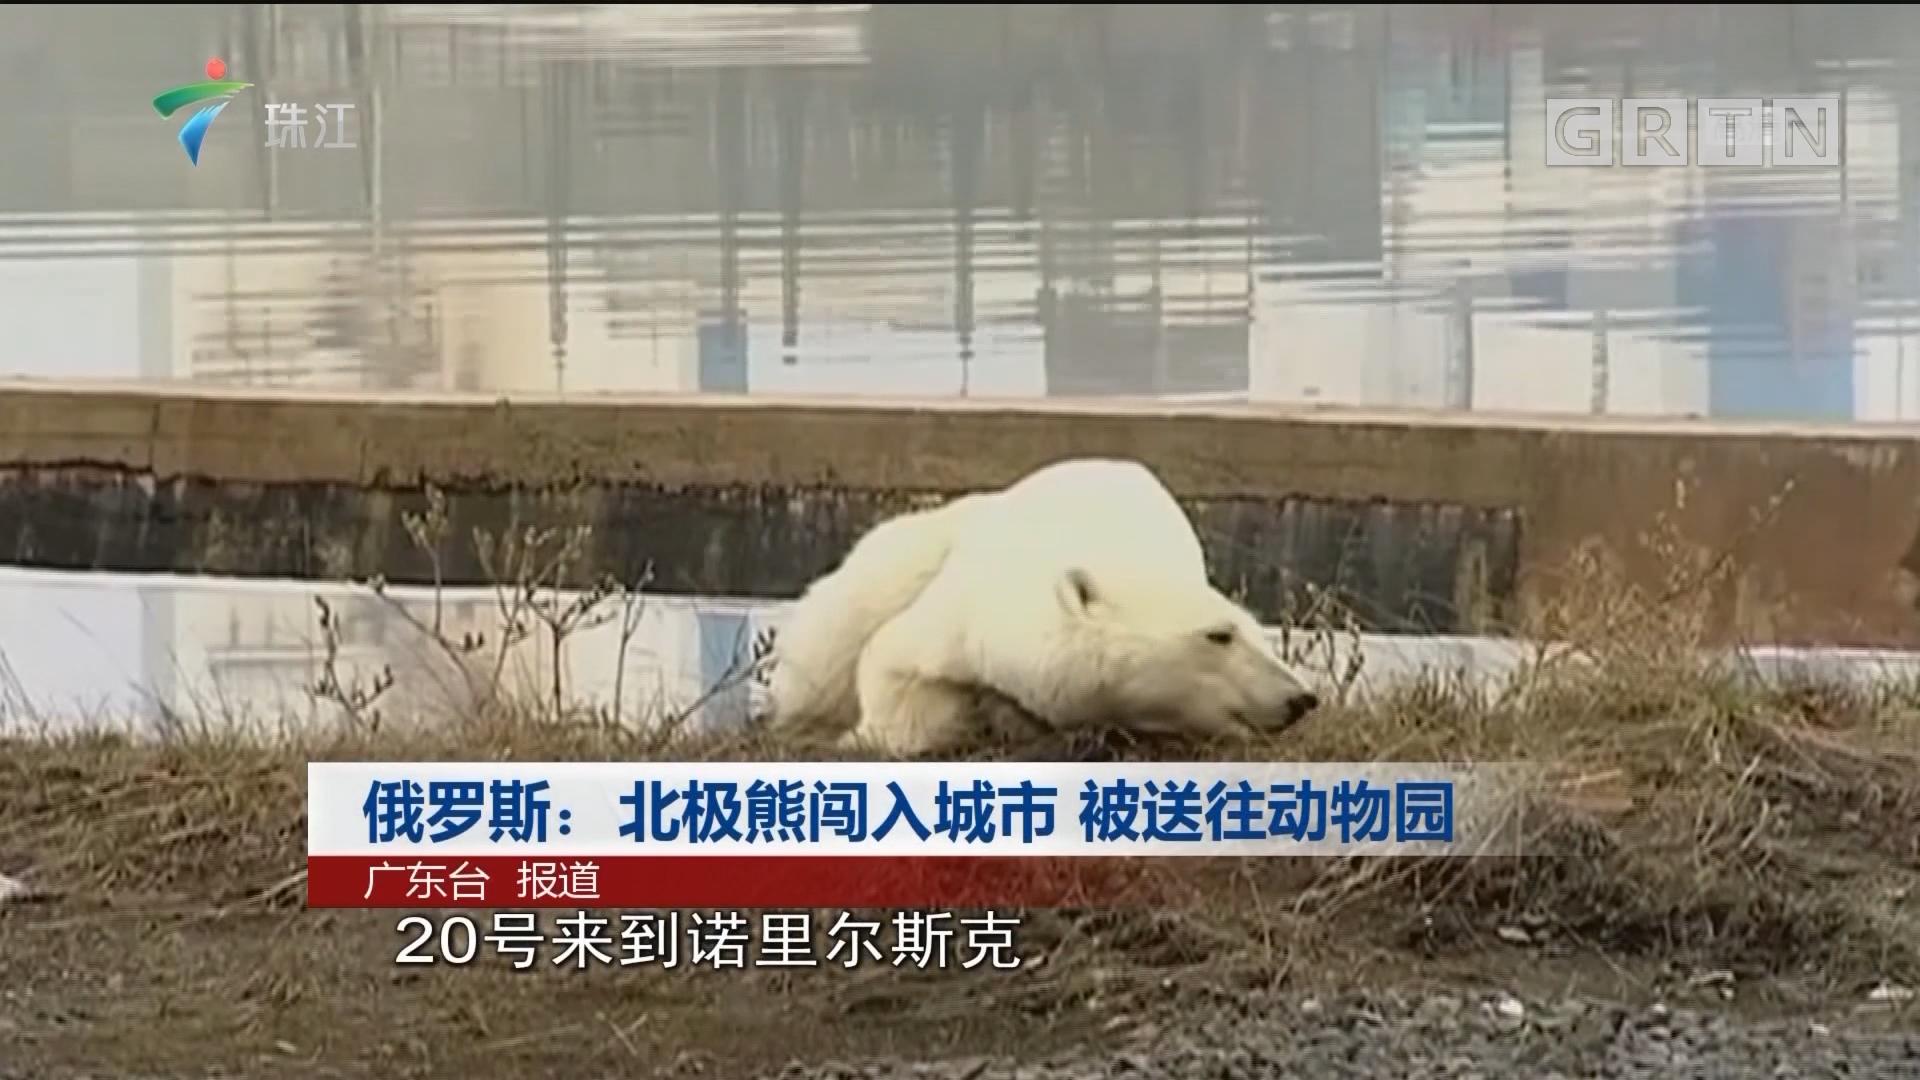 俄罗斯:北极熊闯入城市 被送往动物园